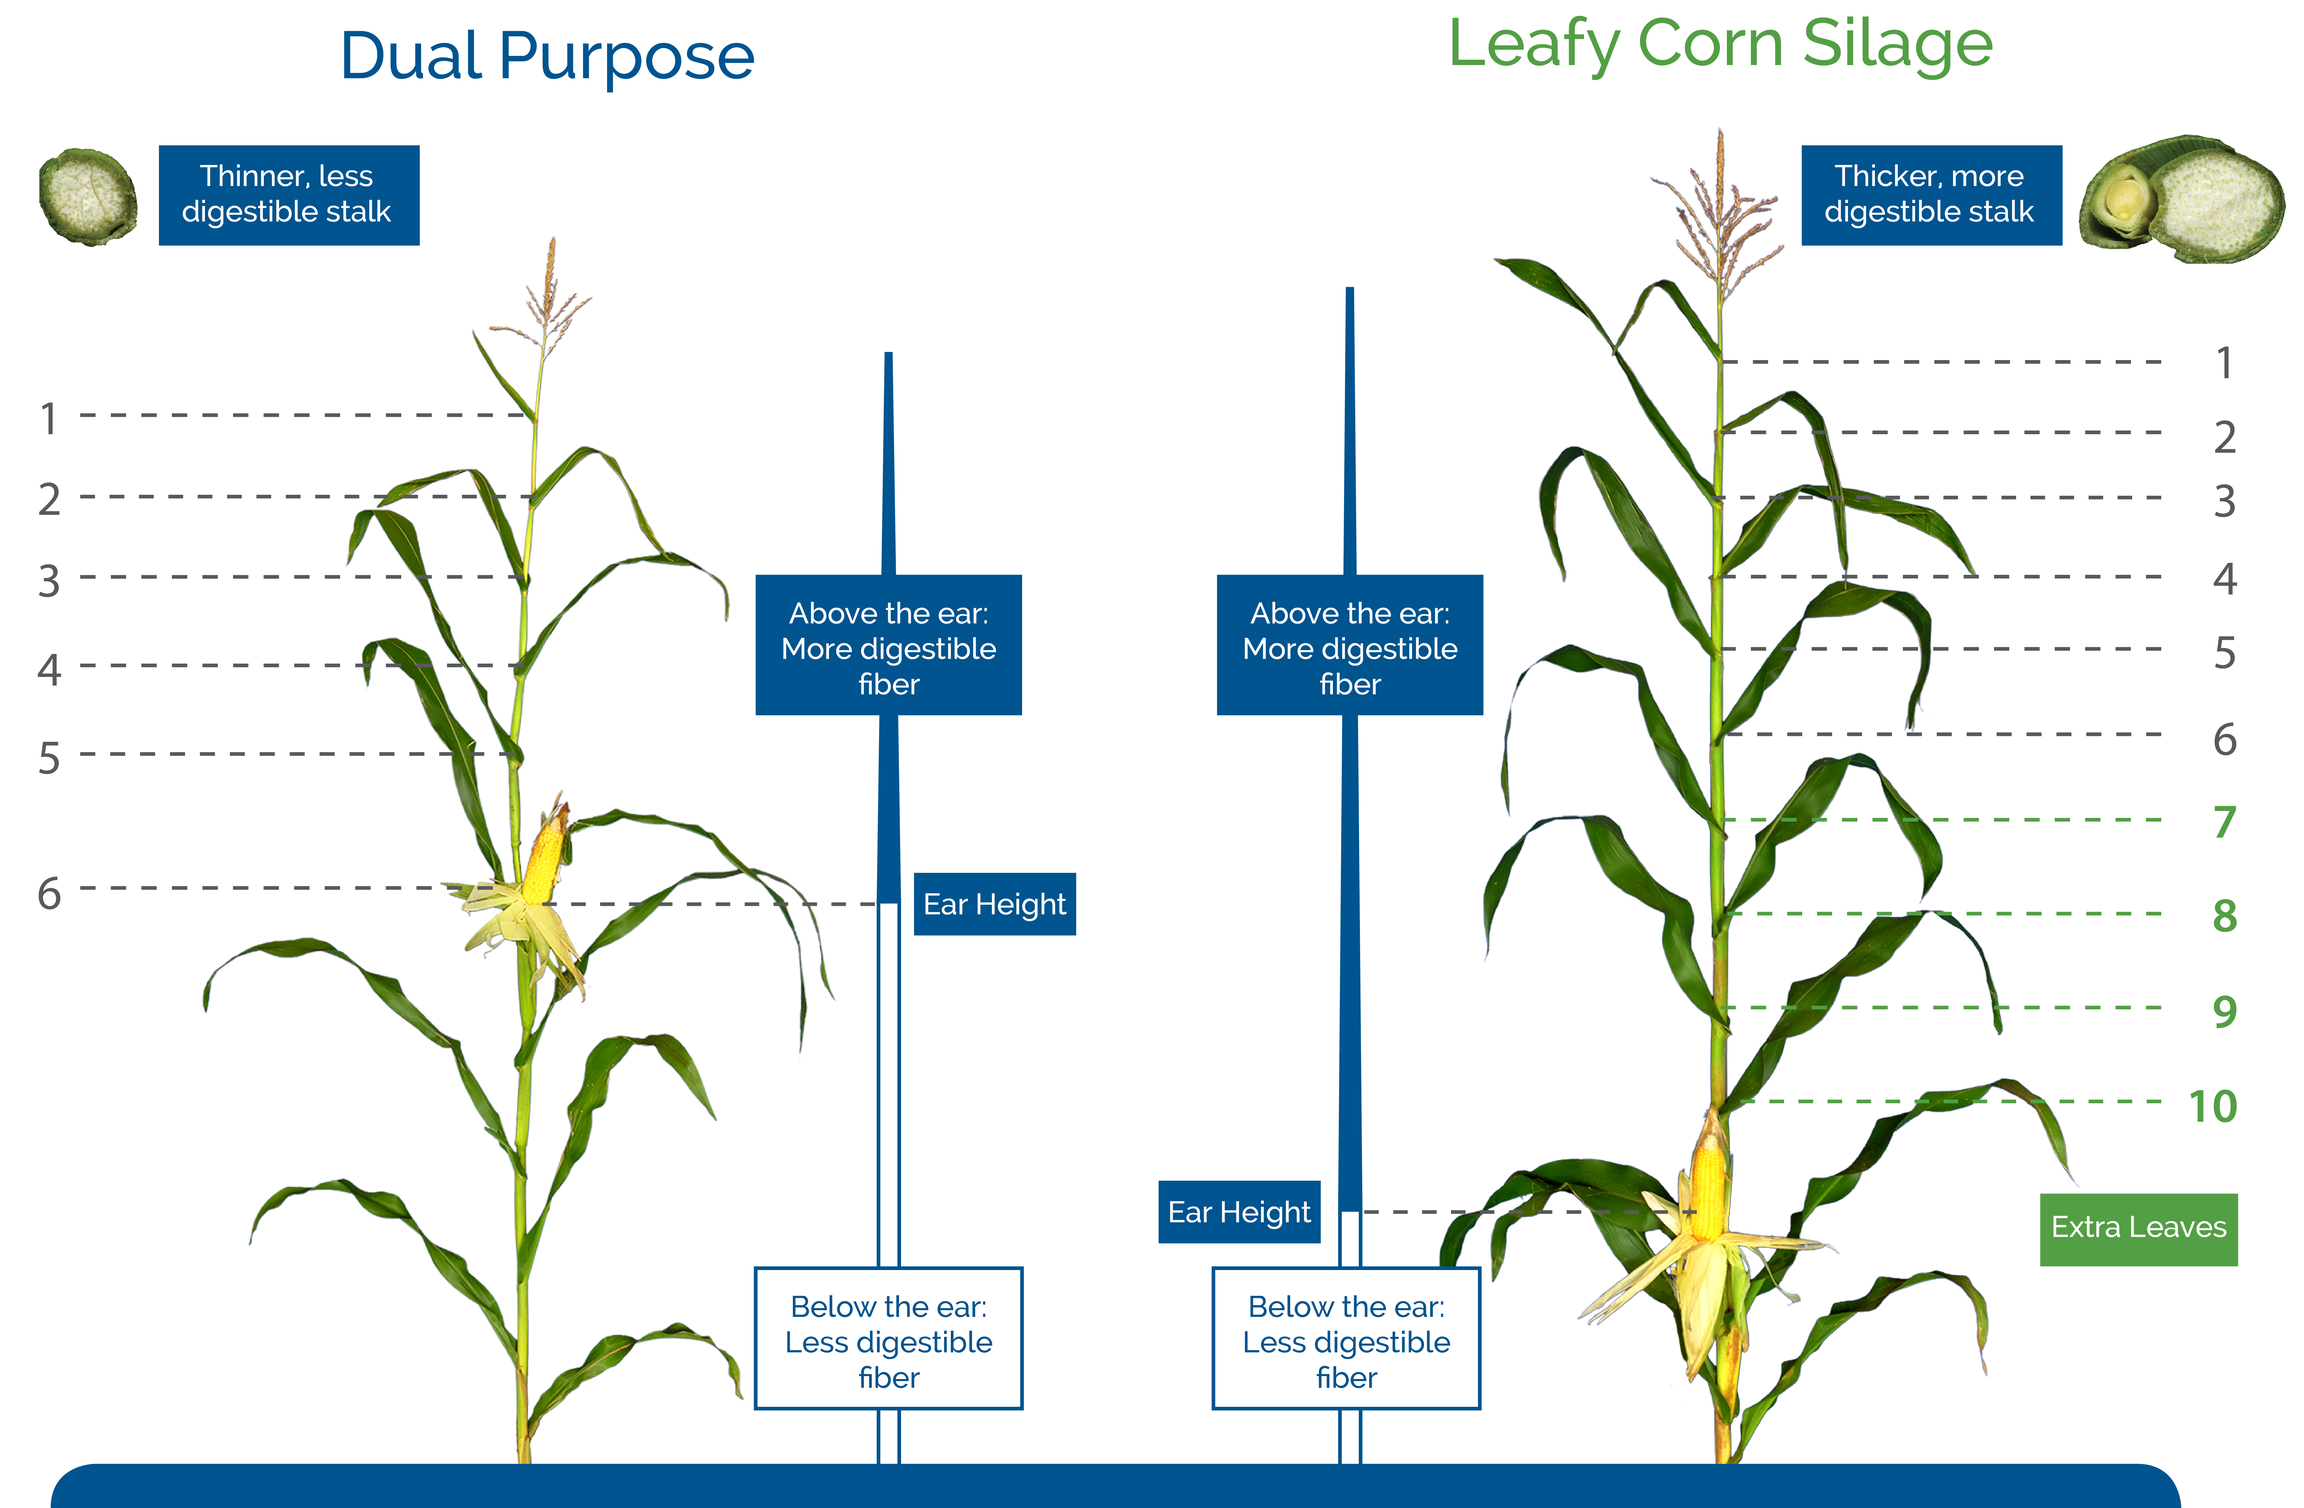 Leafy-Corn-Silage-Fiber-Digestibility.jpg